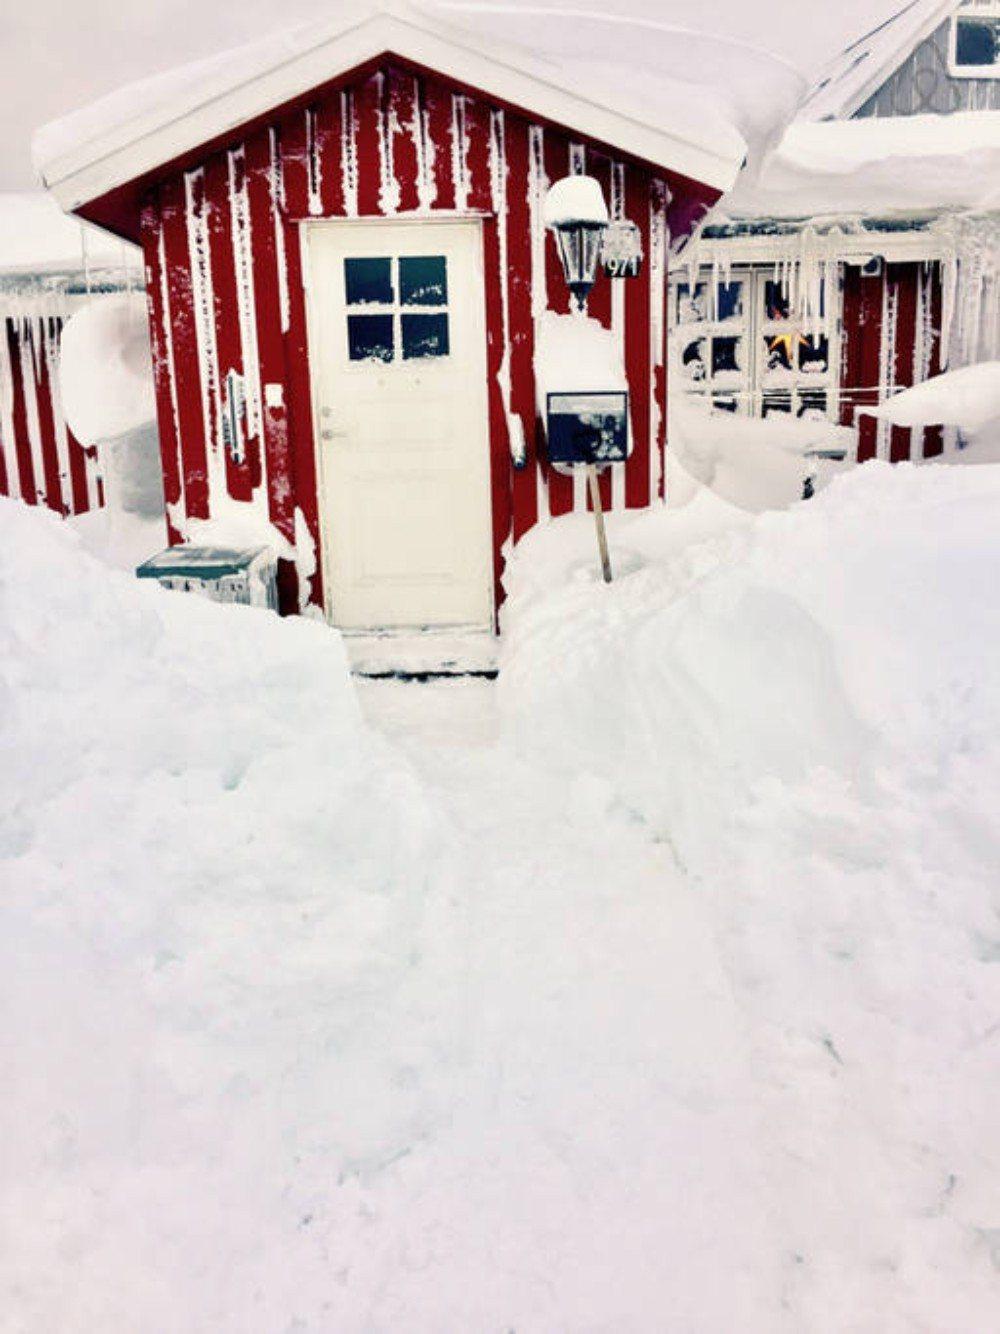 Goedkope airbnb hotspots - Huisje in Groenland